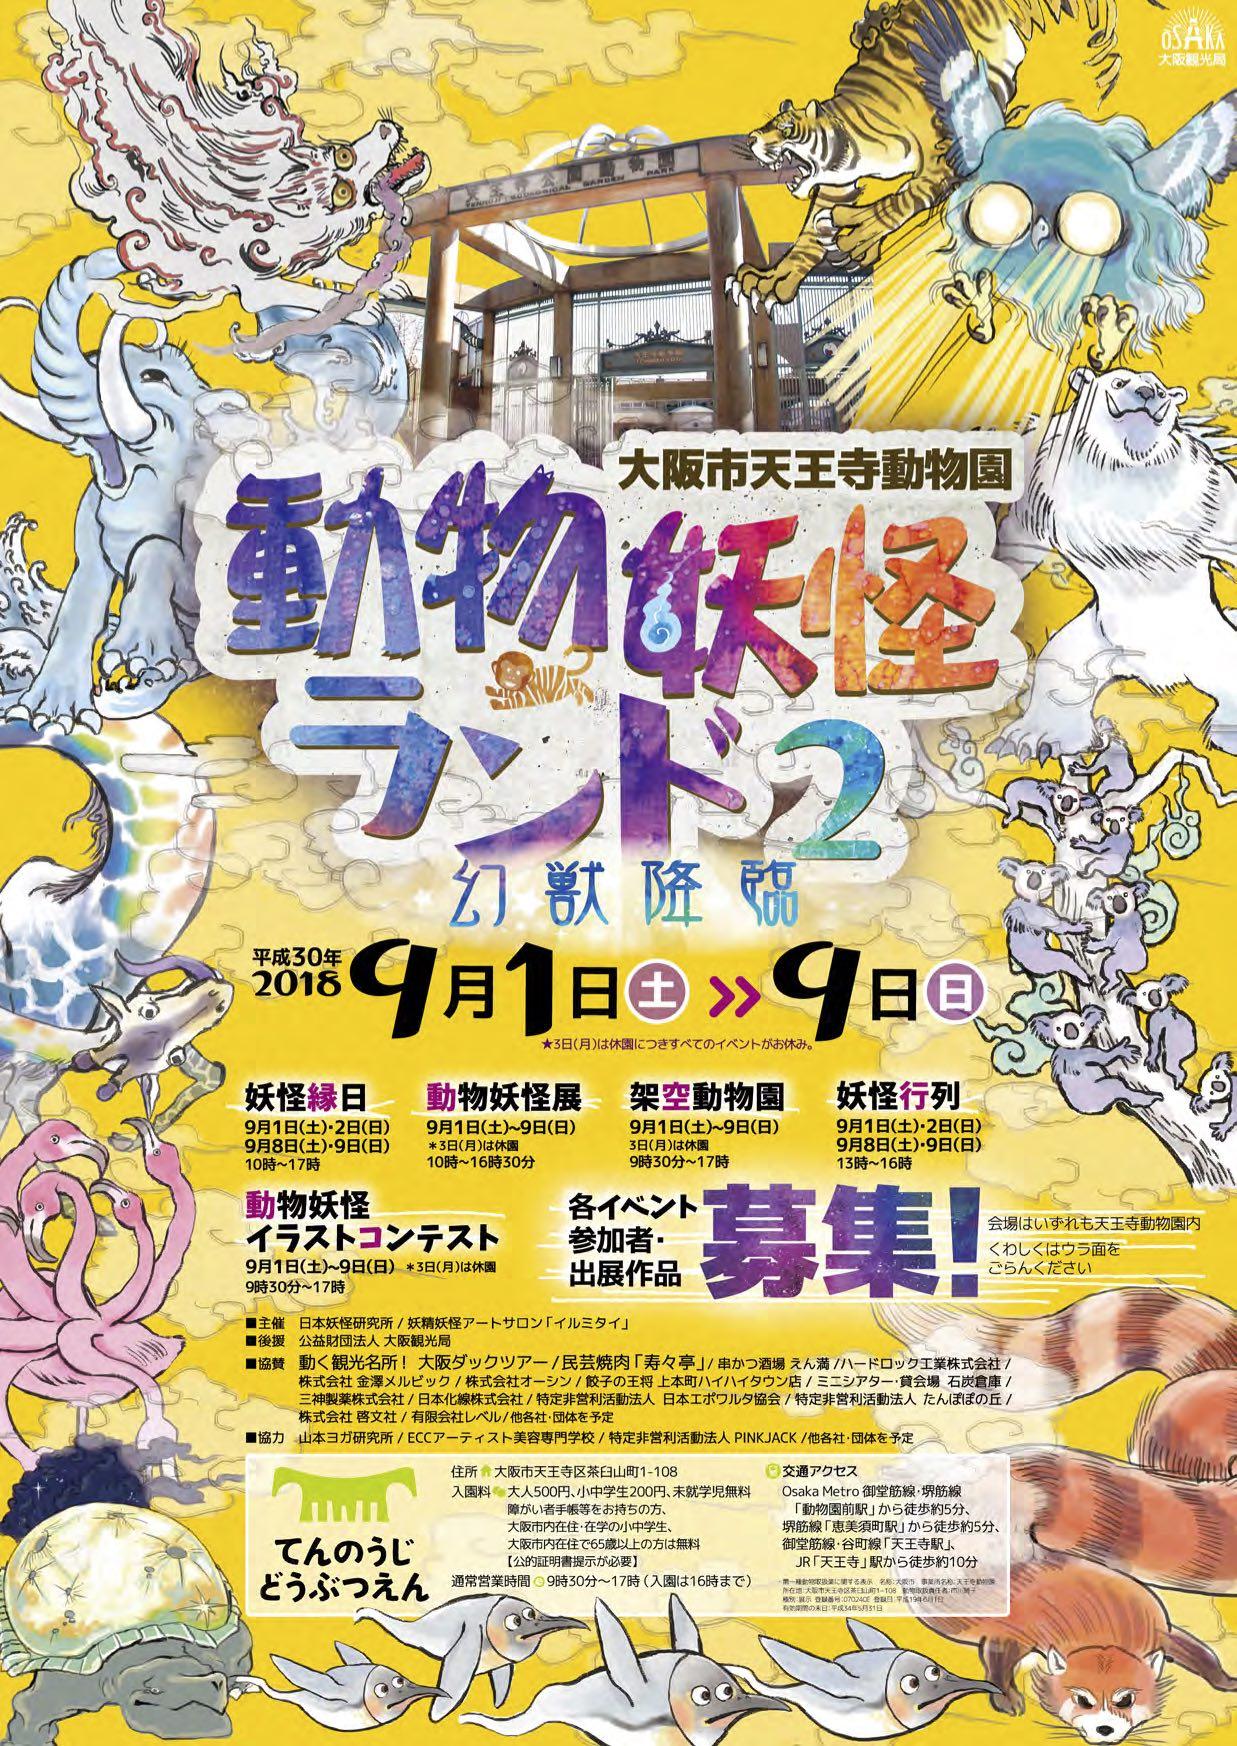 天王寺動物園『動物まねっこヨガでからだを動かそう♪』WSー2018年9月2日(日)